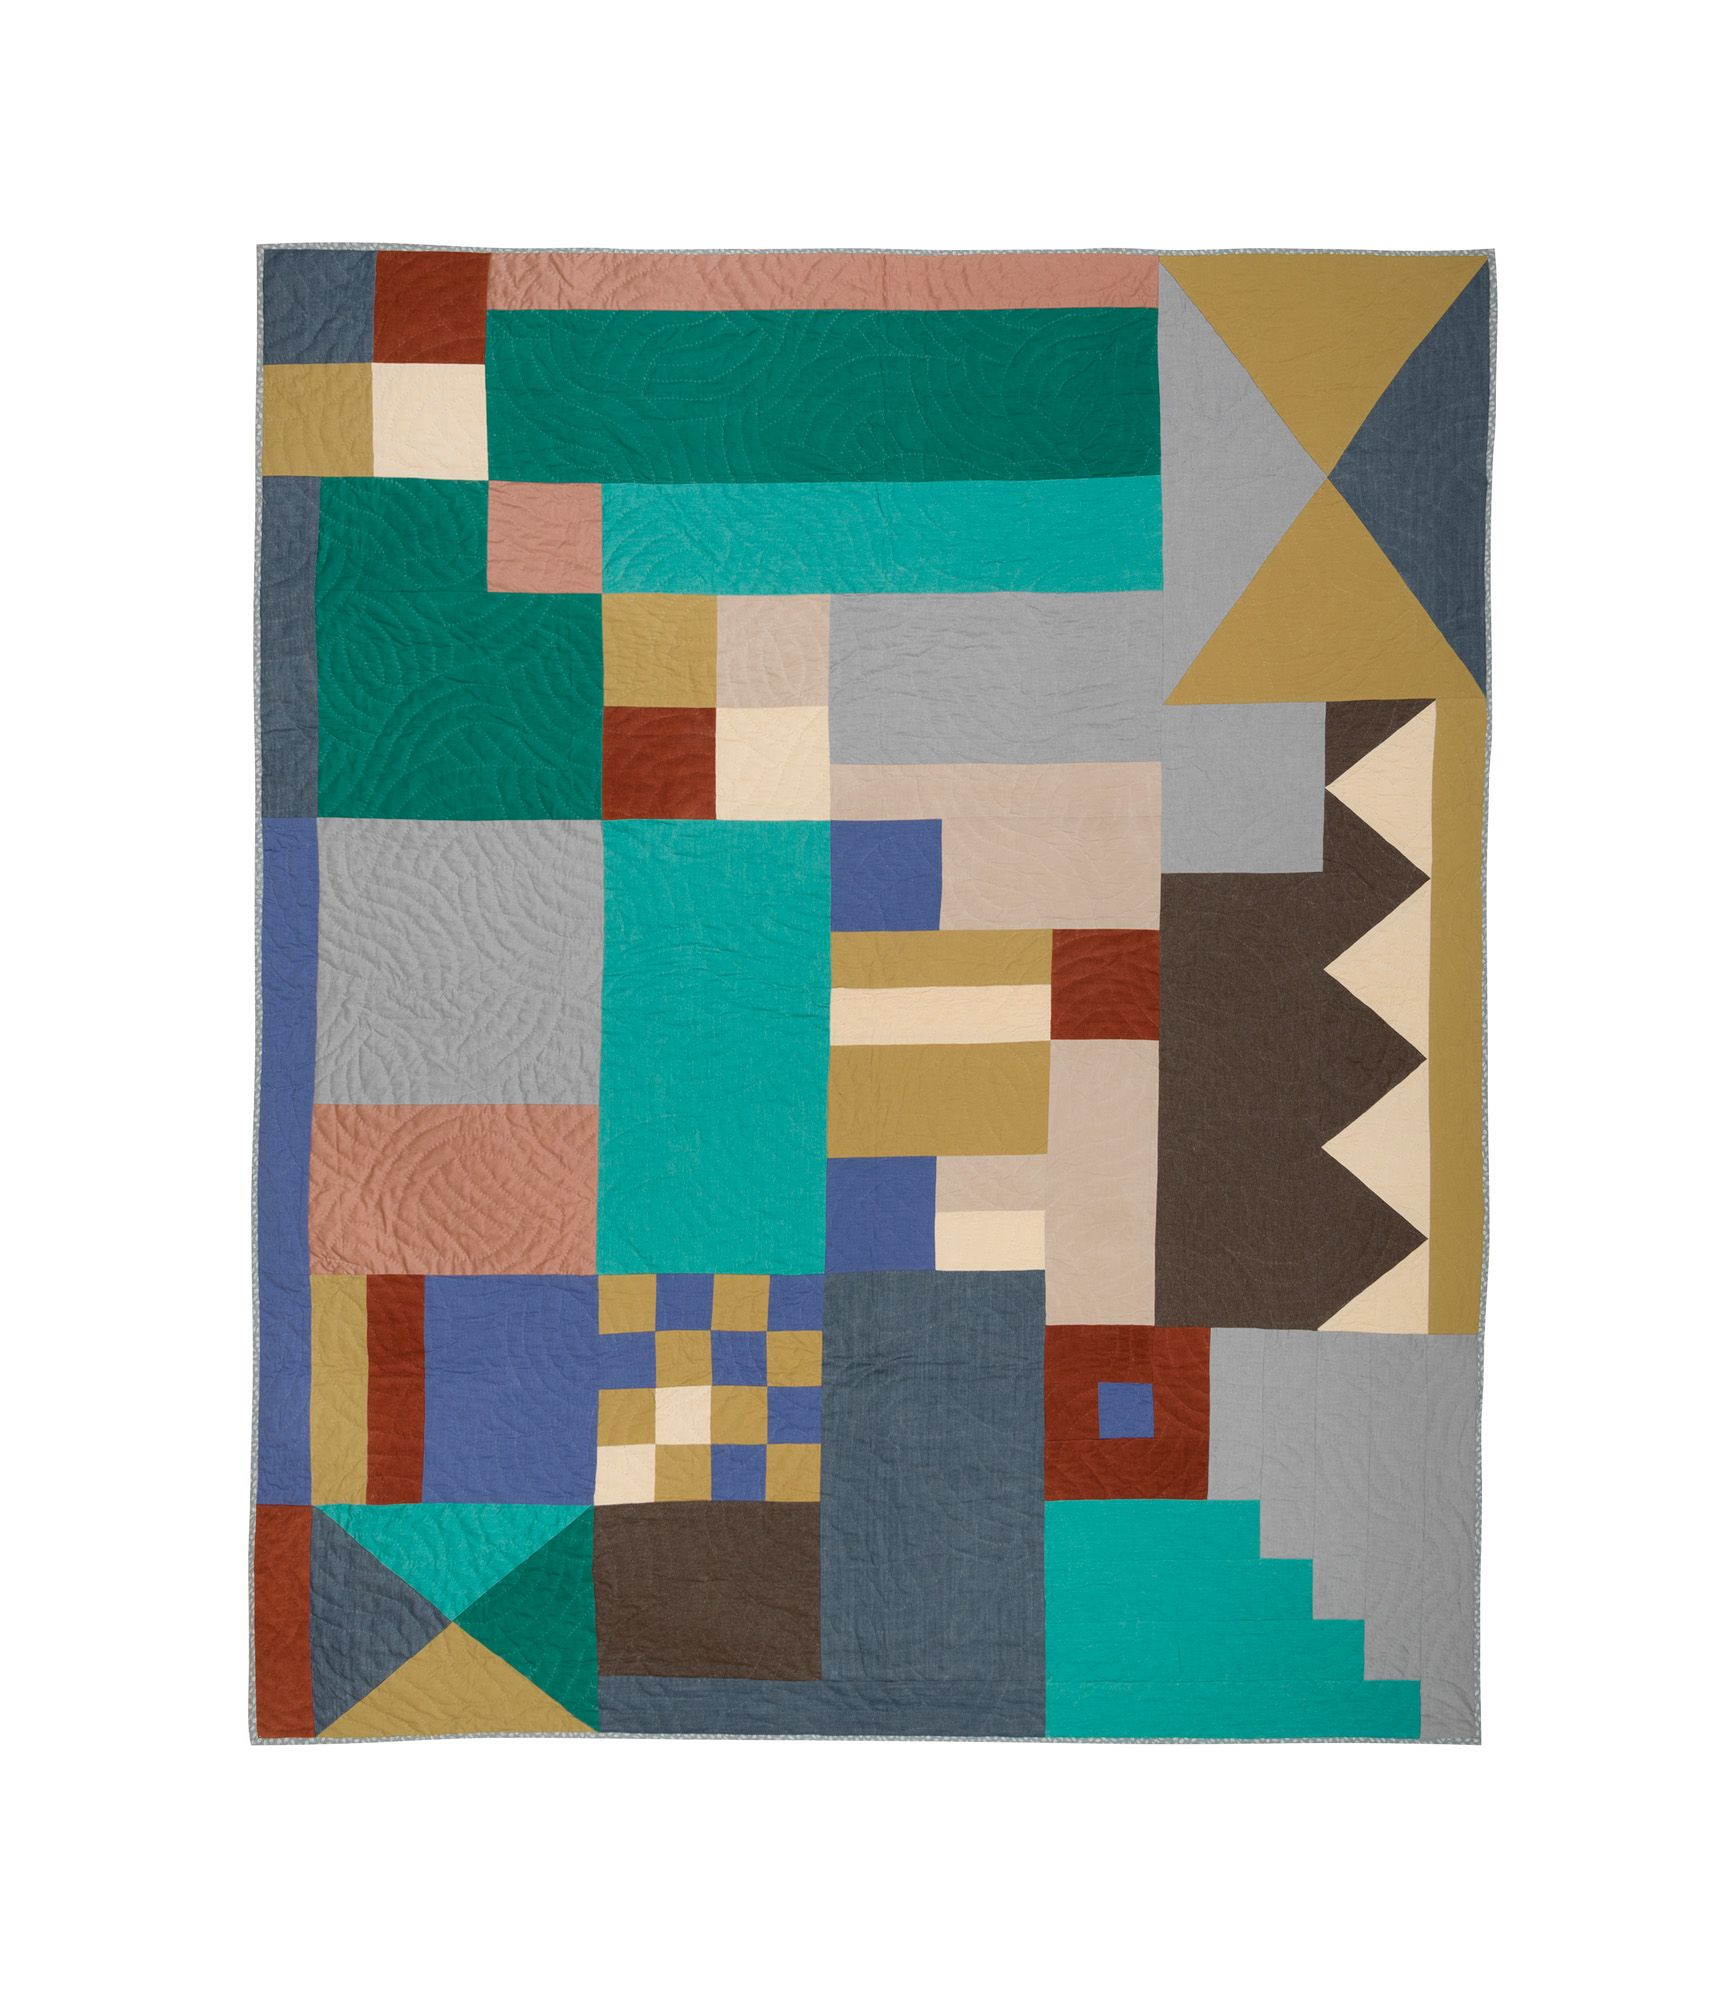 Dizengoff 過去のA.P.C.コレクションの生地、マルチカラーのコットンを使用したパッチワーク. 薄手の中綿入り. ハンドステッチ. ジェシカ・オグデン & ジャン・トゥイトゥによるデザイン. 数量限定. サイズ: 260 x 220 cm.